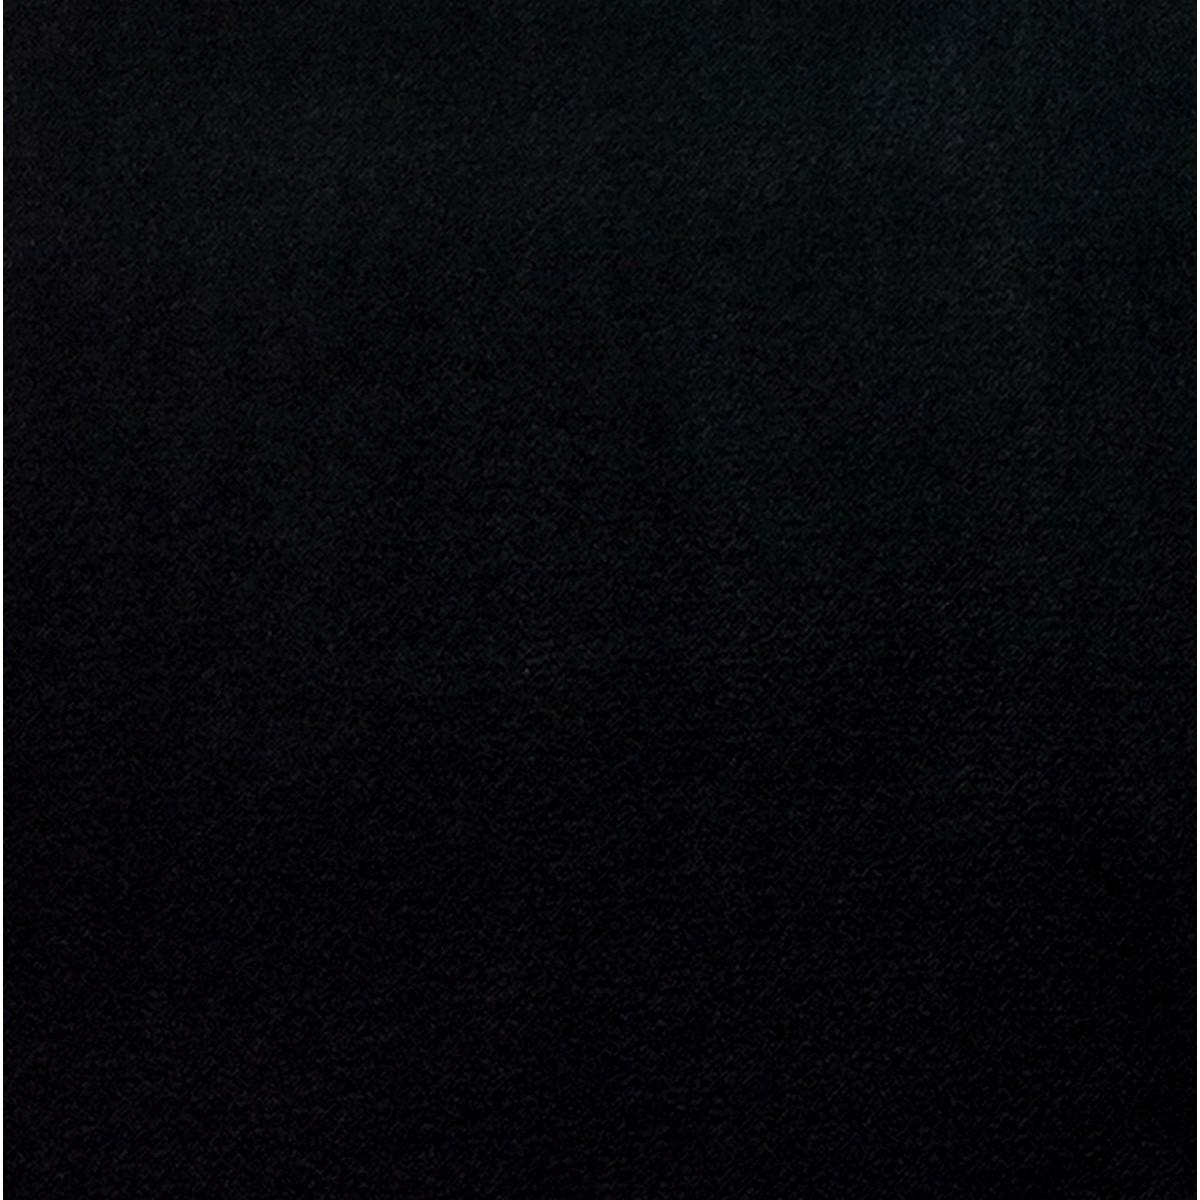 couleur noir   Mademoiselle Rose chaussures de mariée sur mesure